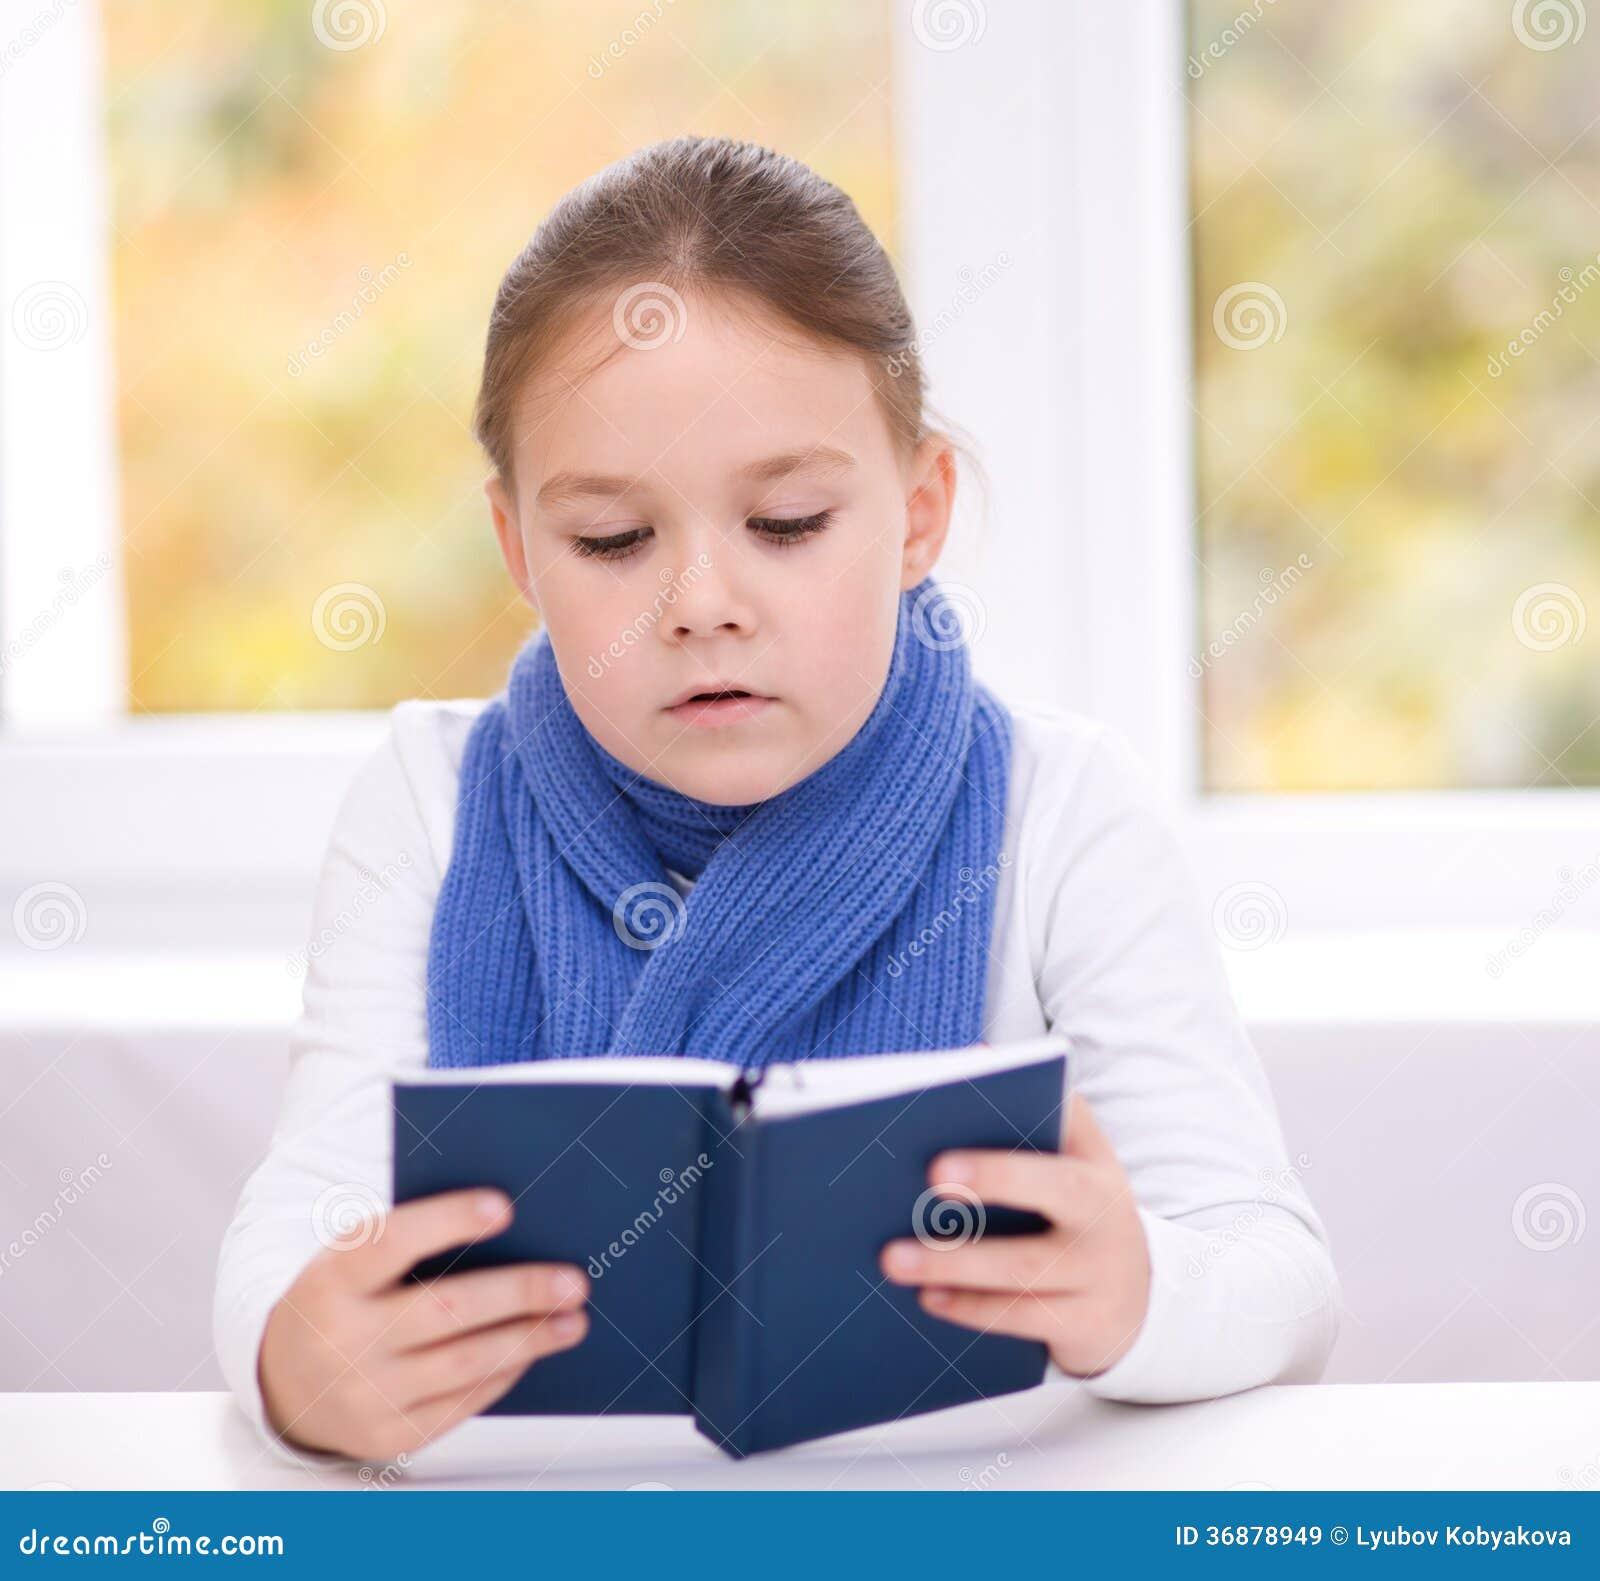 Download La Bambina Sta Leggendo Un Libro Immagine Stock - Immagine di seduta, intelligente: 36878949